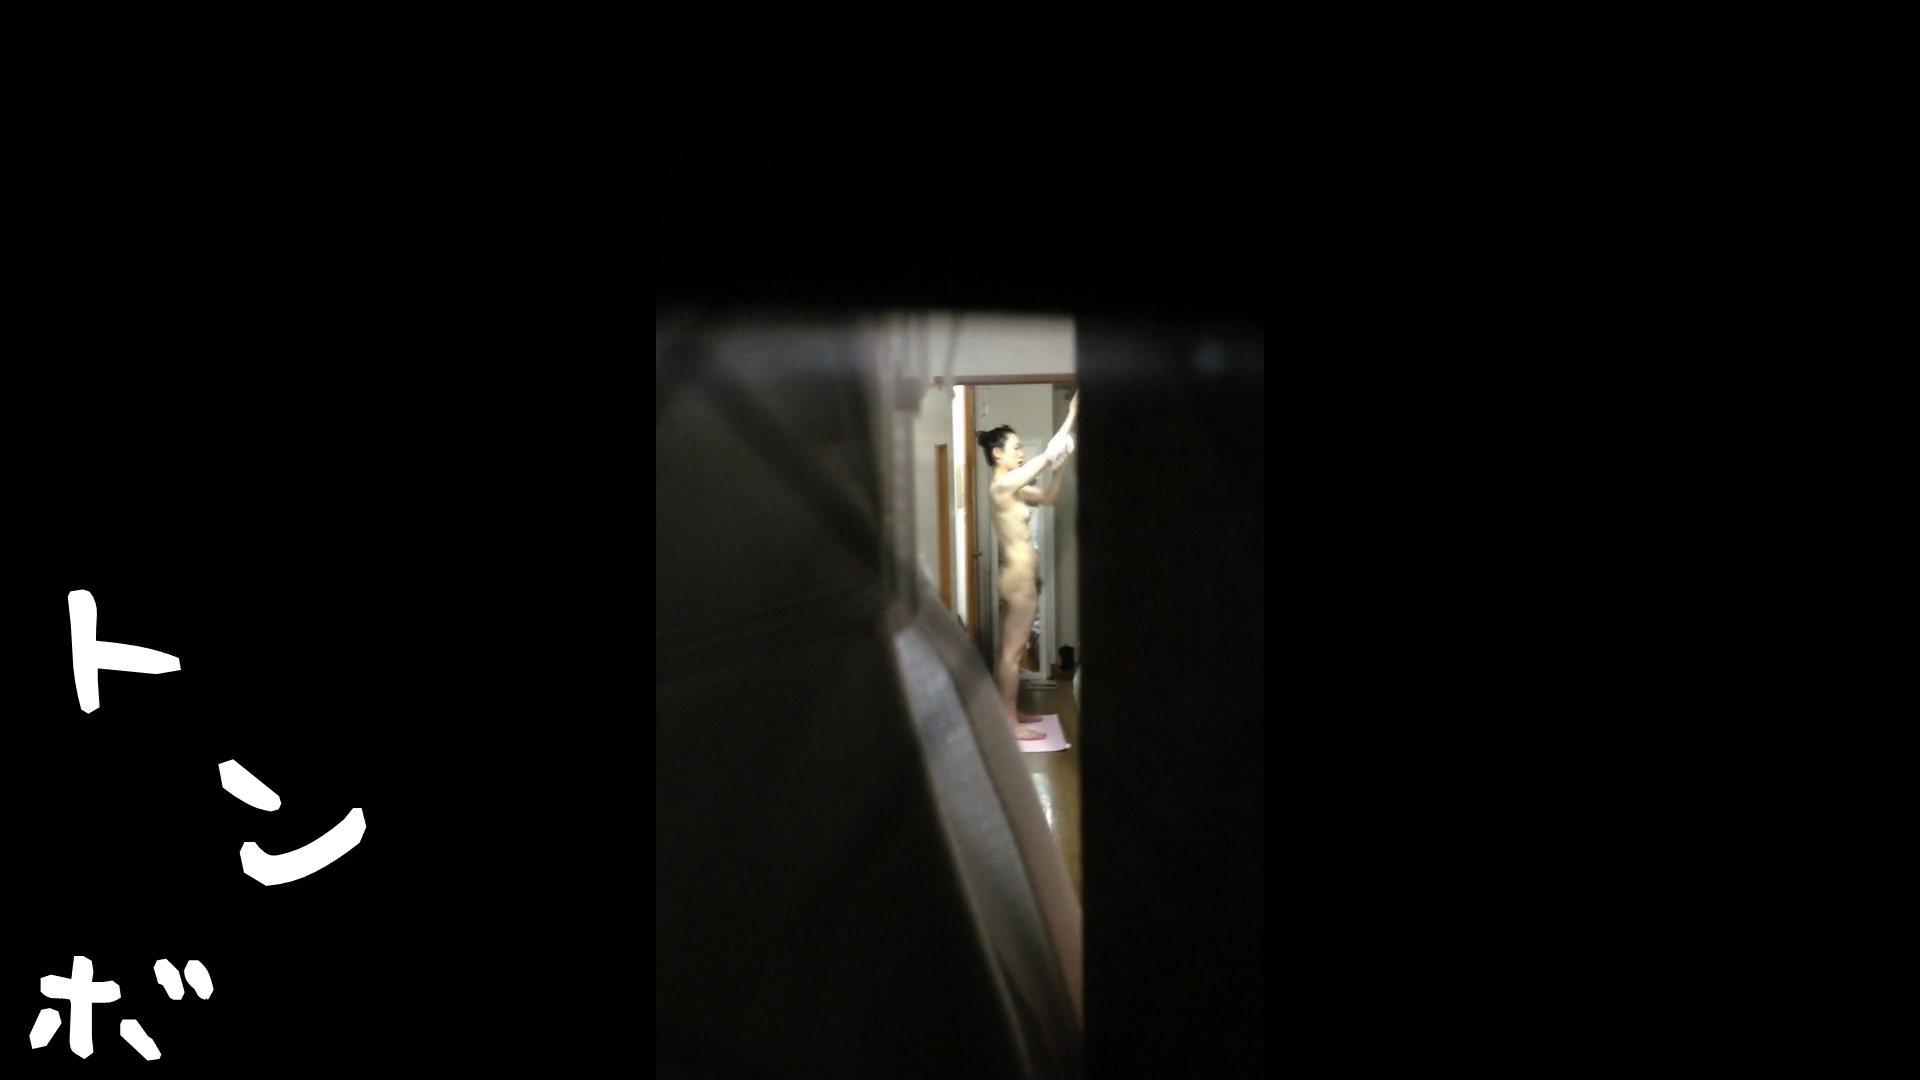 【リアル盗撮】元ジュディマリのYIUKI似 某歌手丸秘ヌード 潜入エロ調査   美女達のヌード  61連発 46